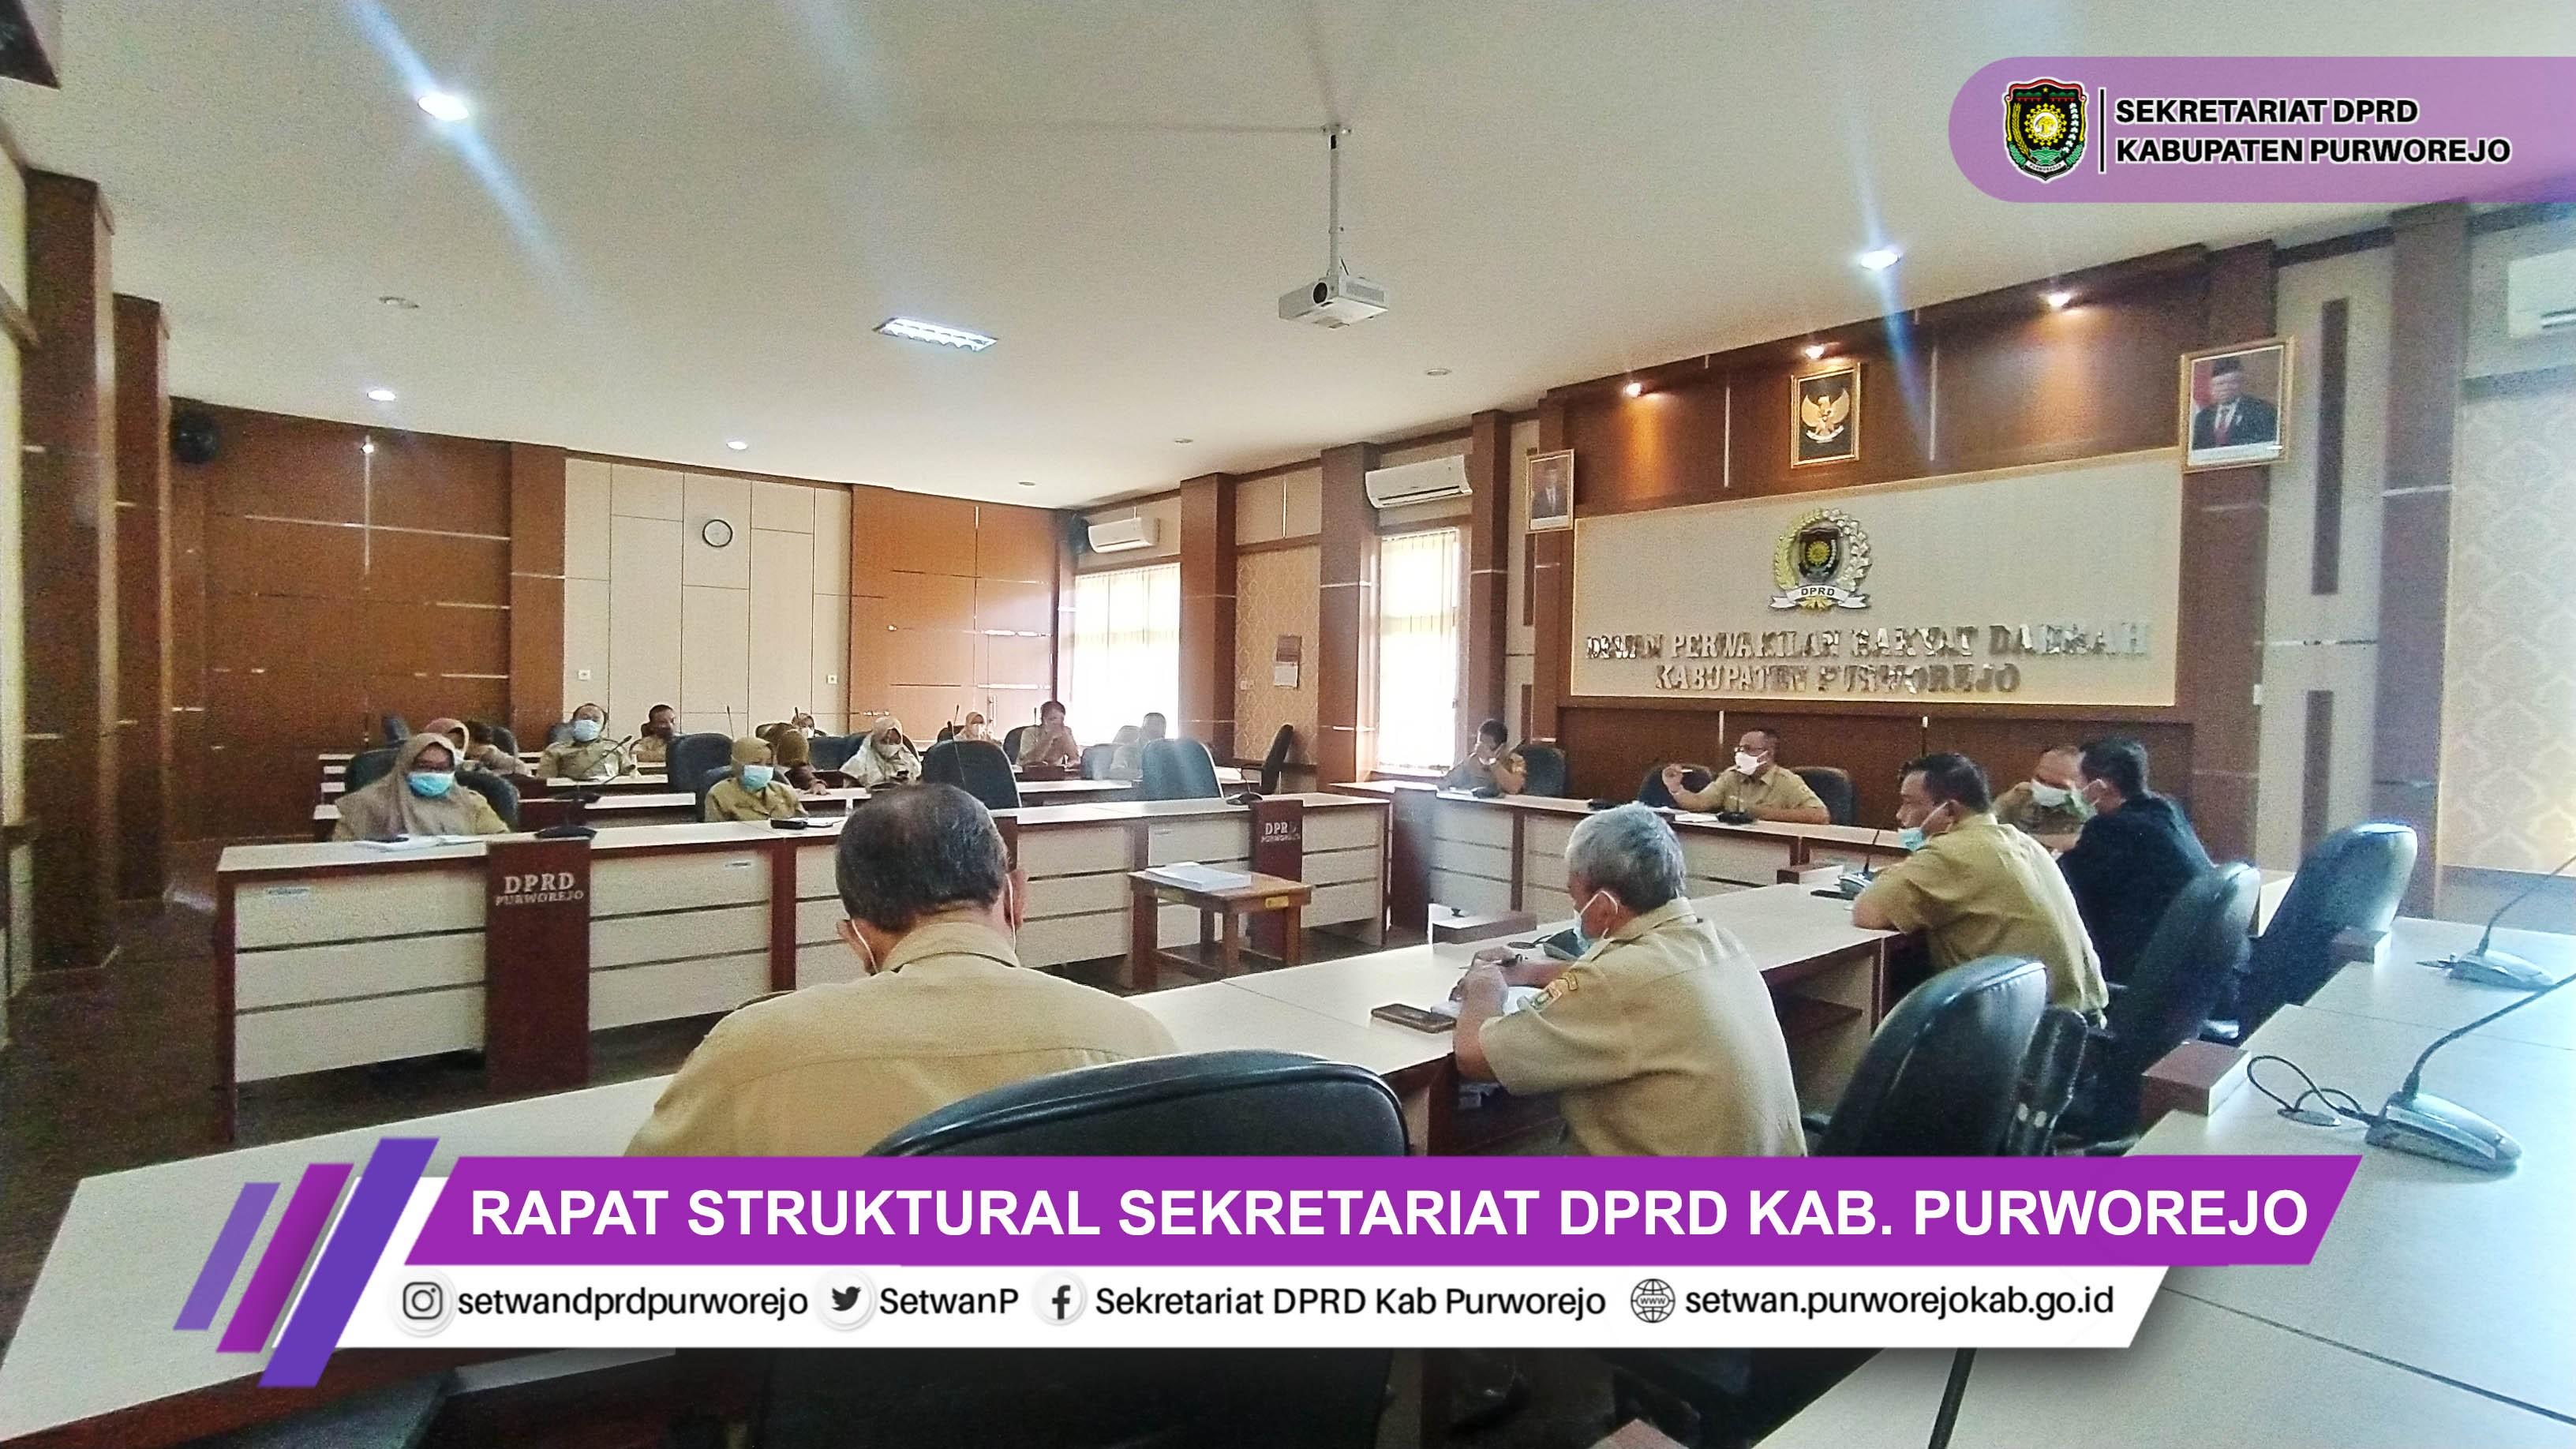 Sekretariat DPRD Kabupaten Purworejo Melakukan Rapat Struktural